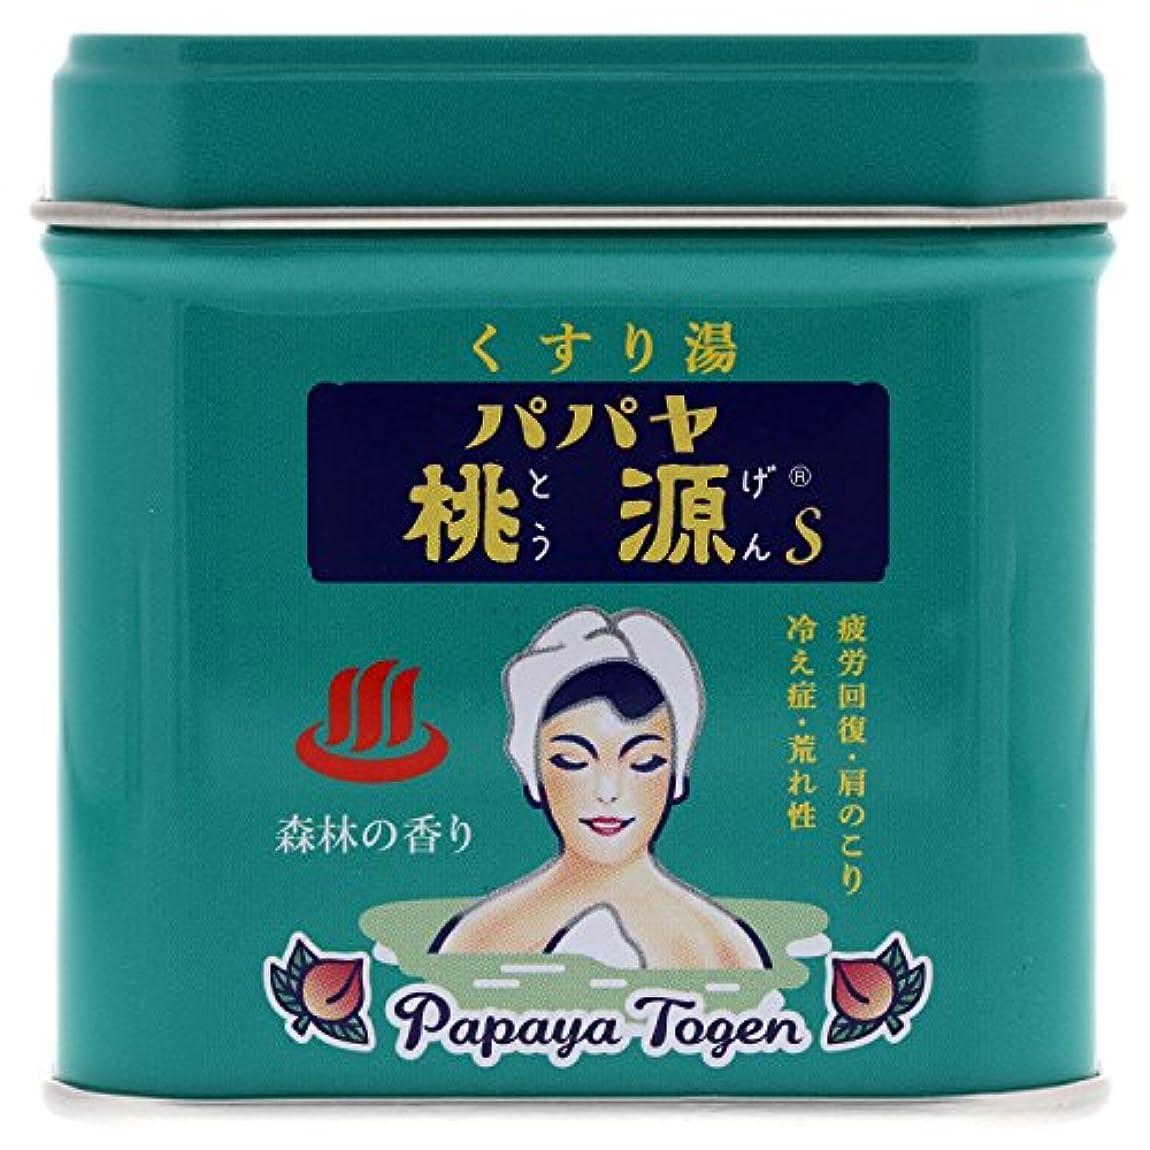 忘れられないのみ代表するパパヤ桃源S 70g缶 森林の香り [医薬部外品]